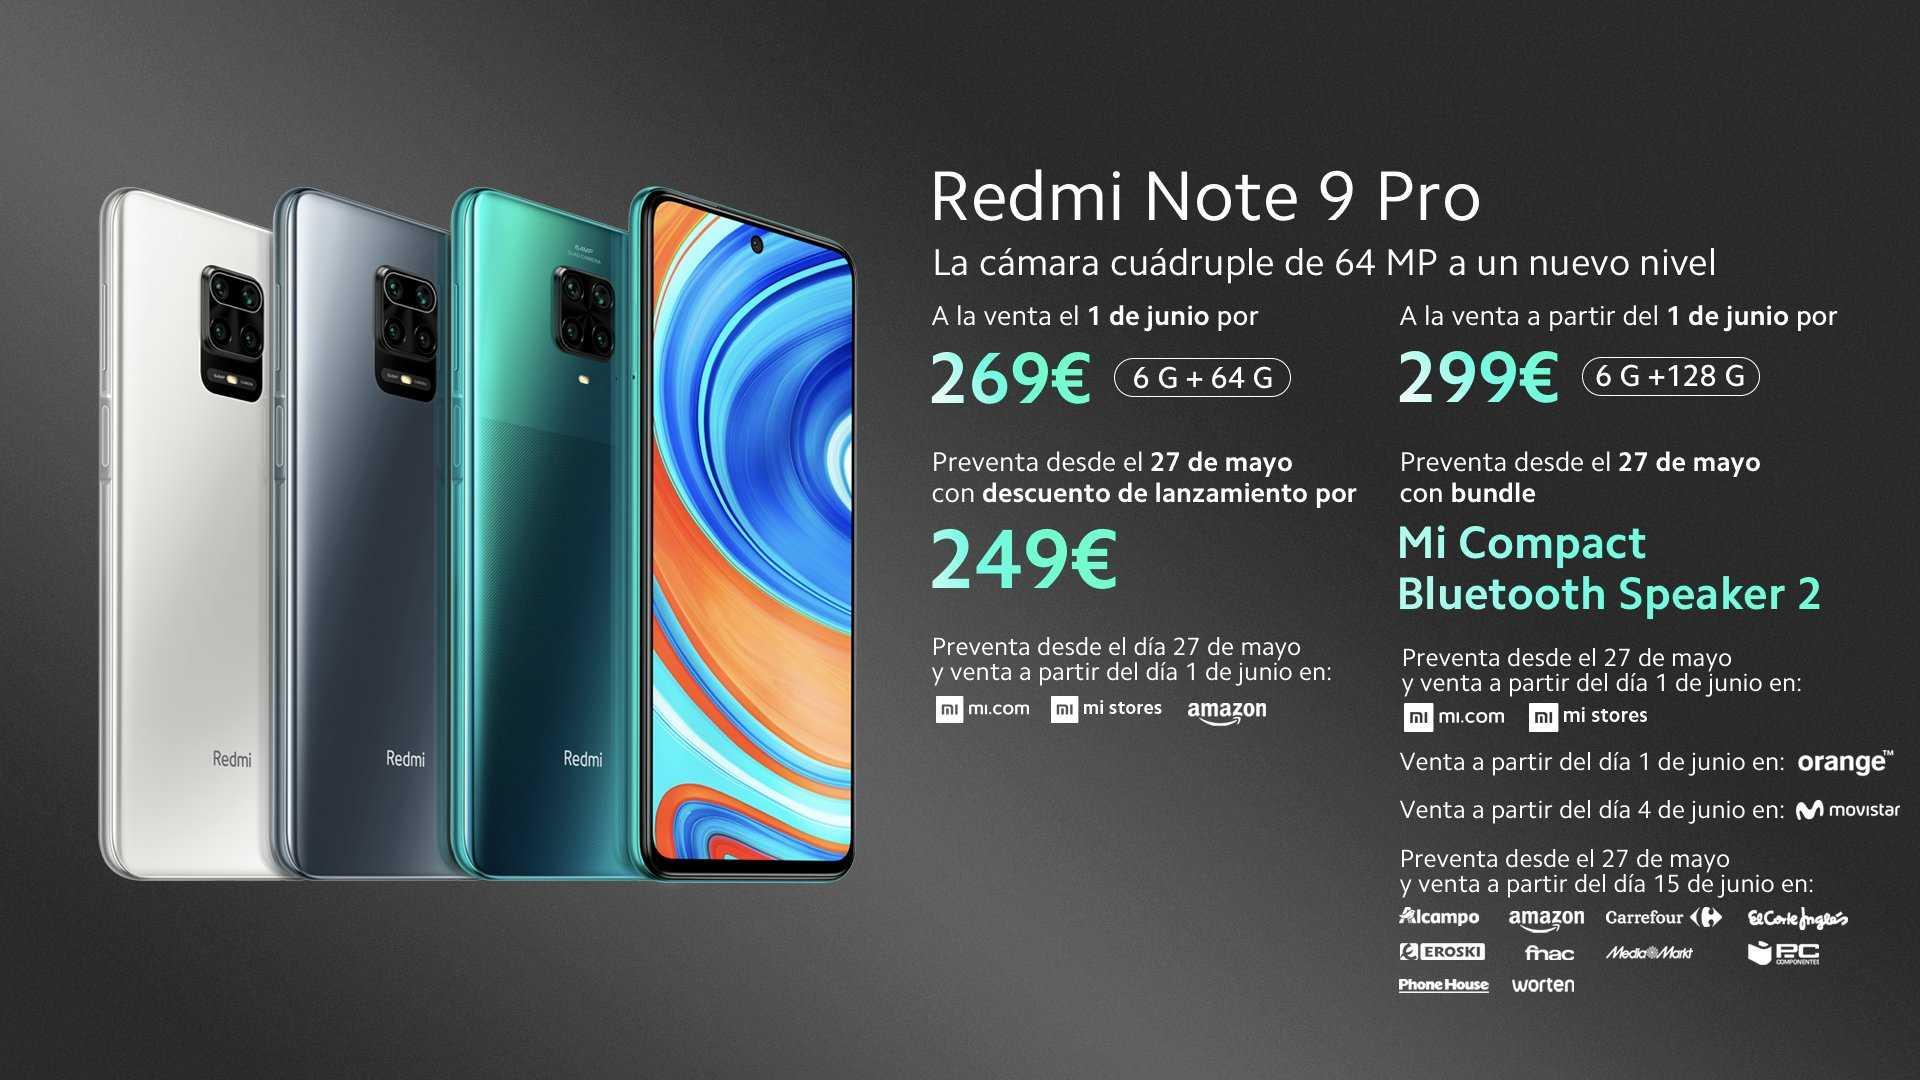 Xiaomi начала продавать в россии три дешевых смартфона и один суперфлагман. цены